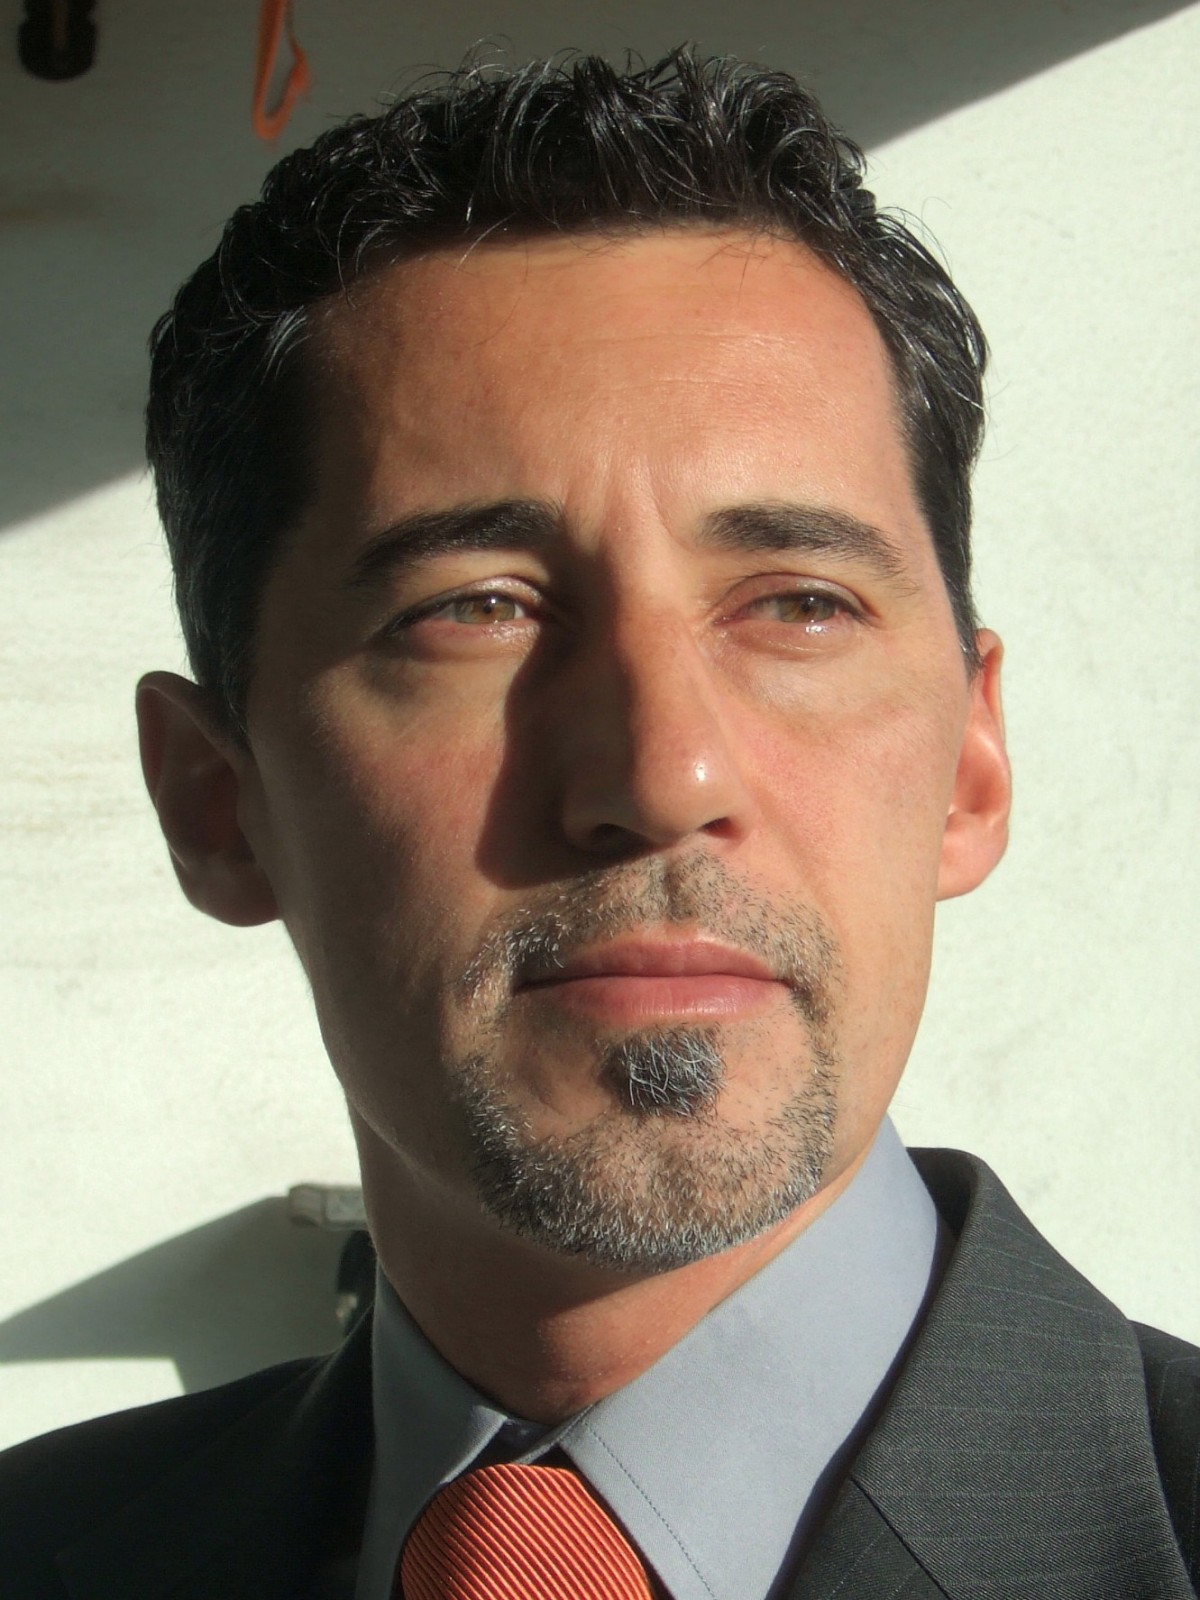 Alexandre Masraff